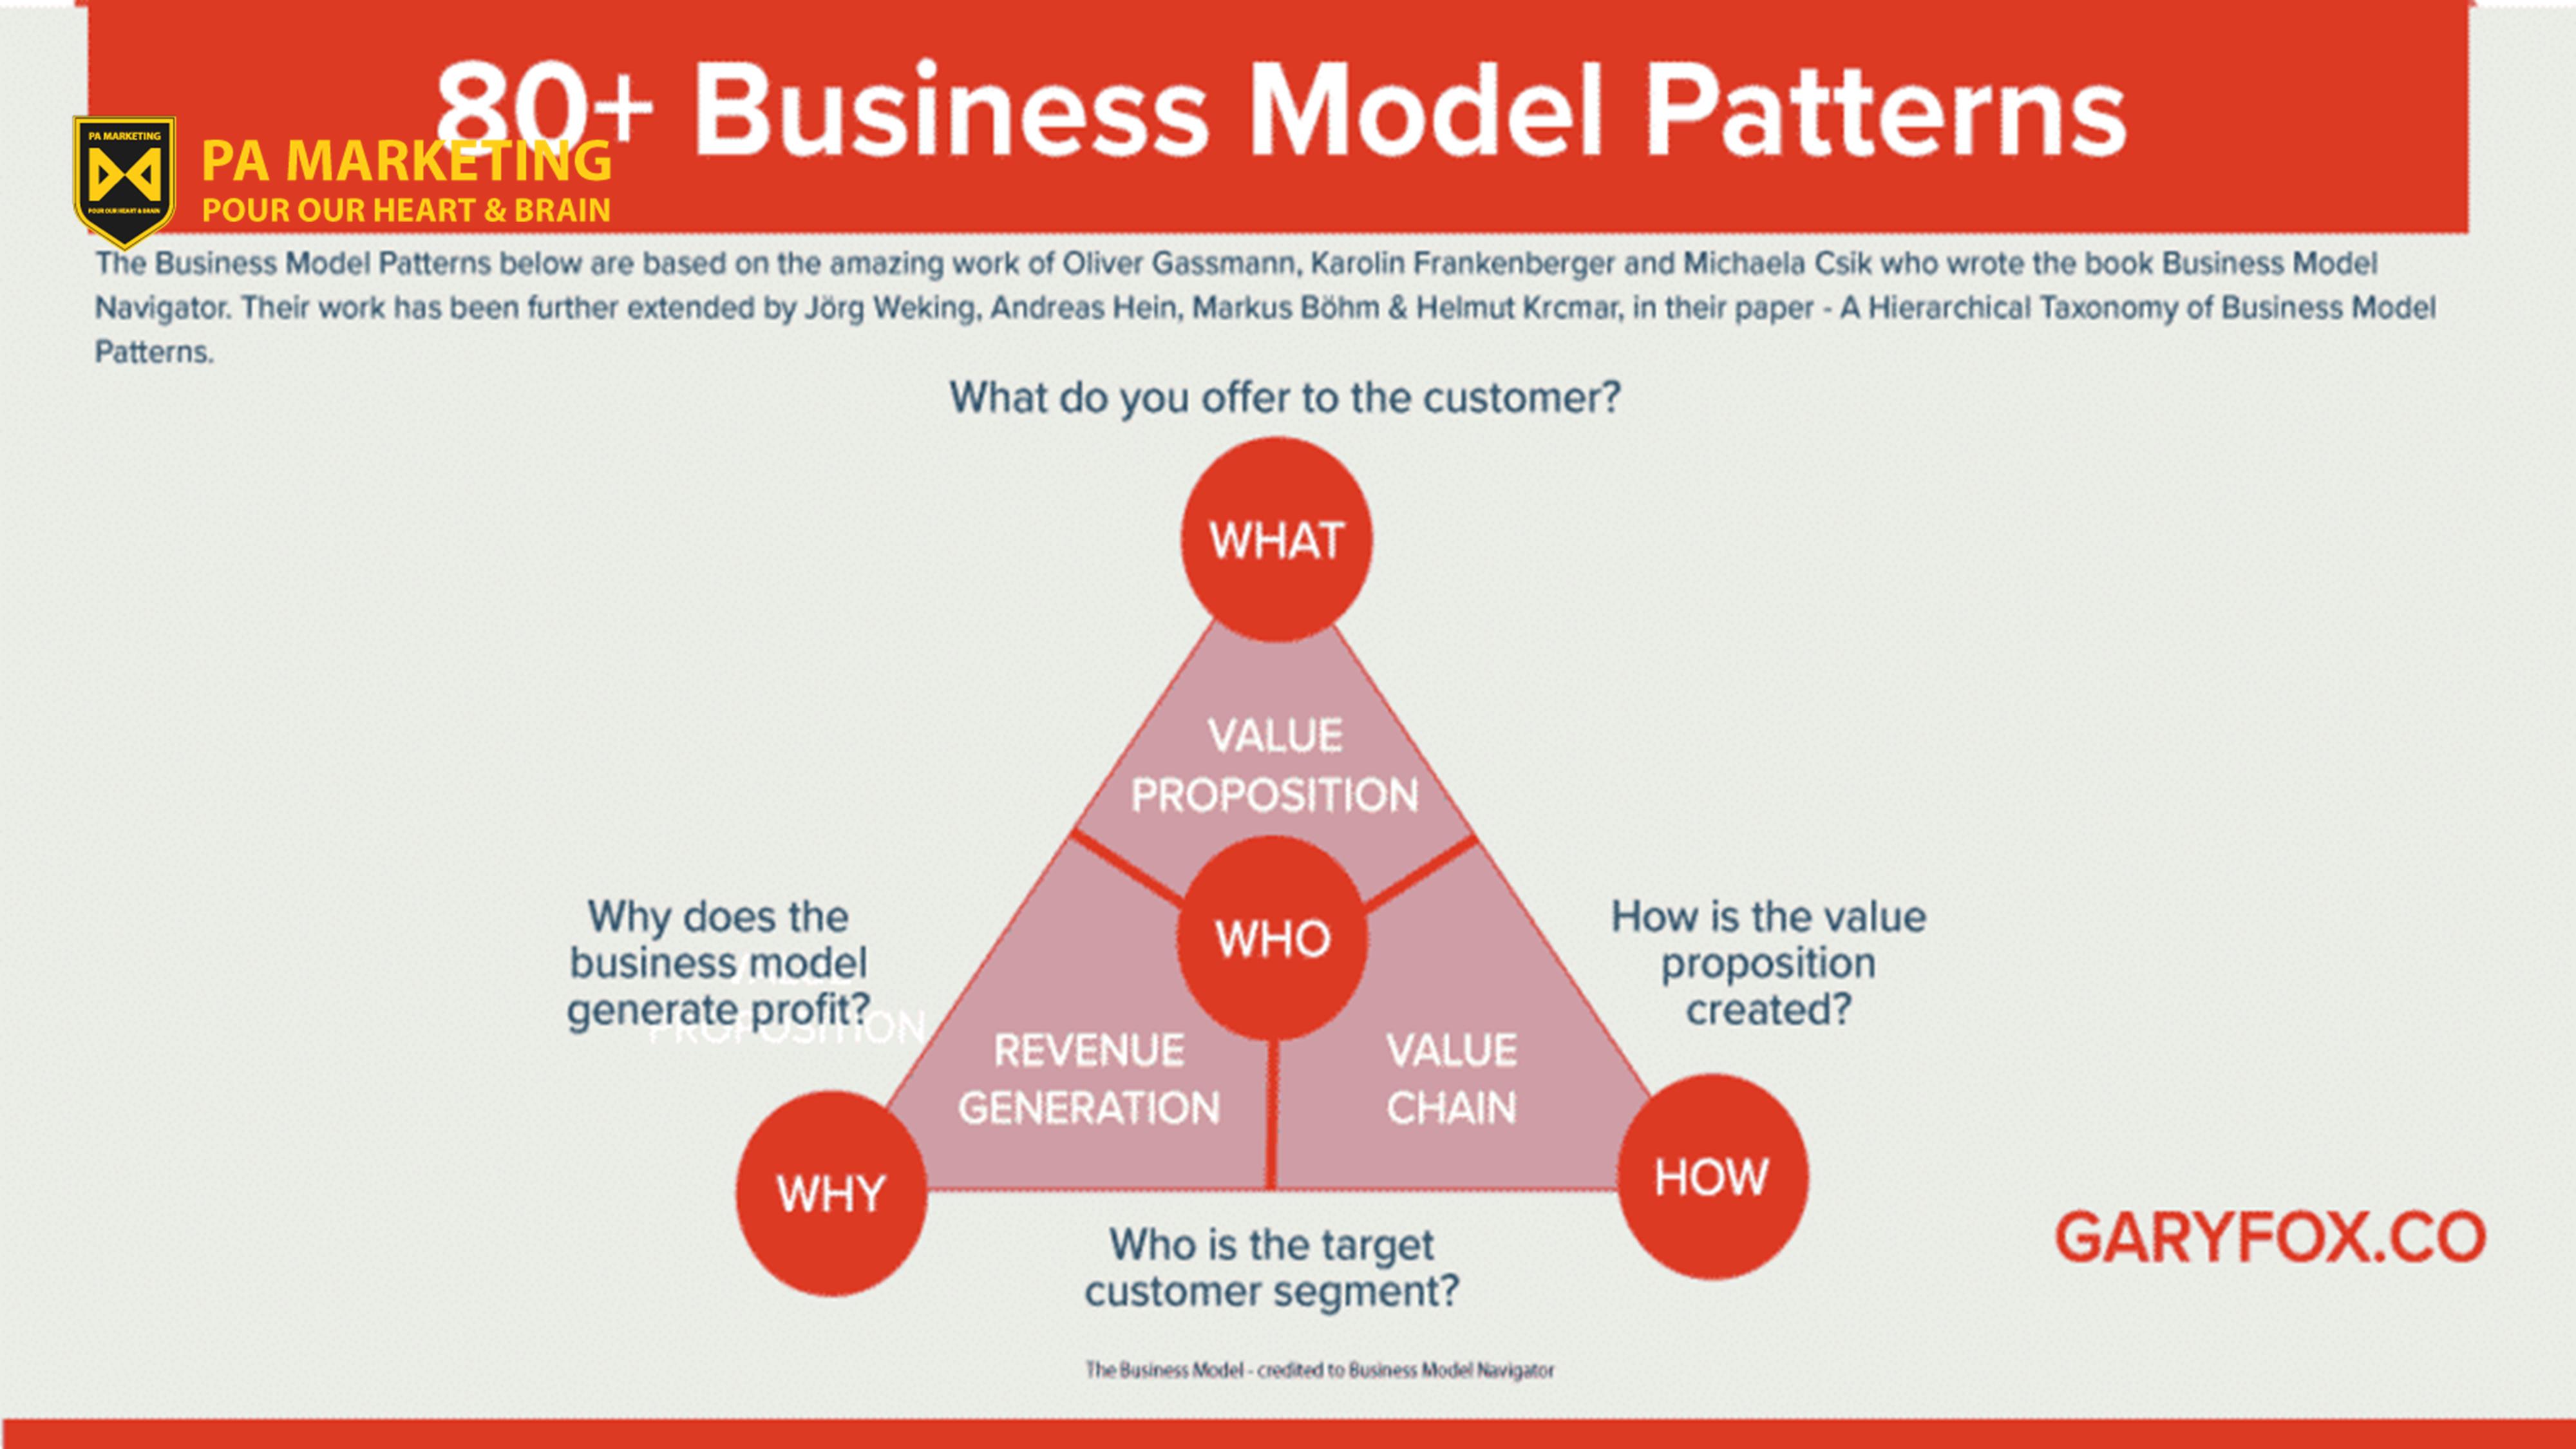 Một đồ họa thông tin thể hiện điều hướng mô hình kinh doanh và các mẫu mô hình kinh doanh